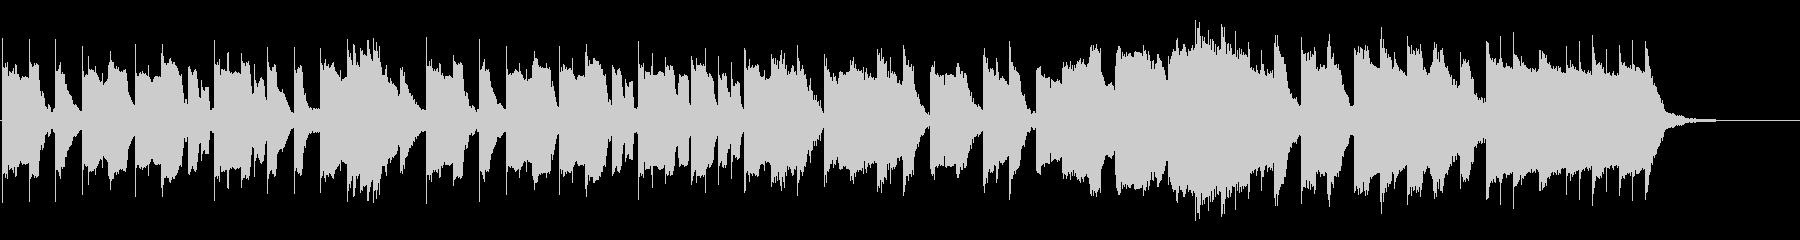 【Eテレ風】かわいいリコーダーとピアノの未再生の波形